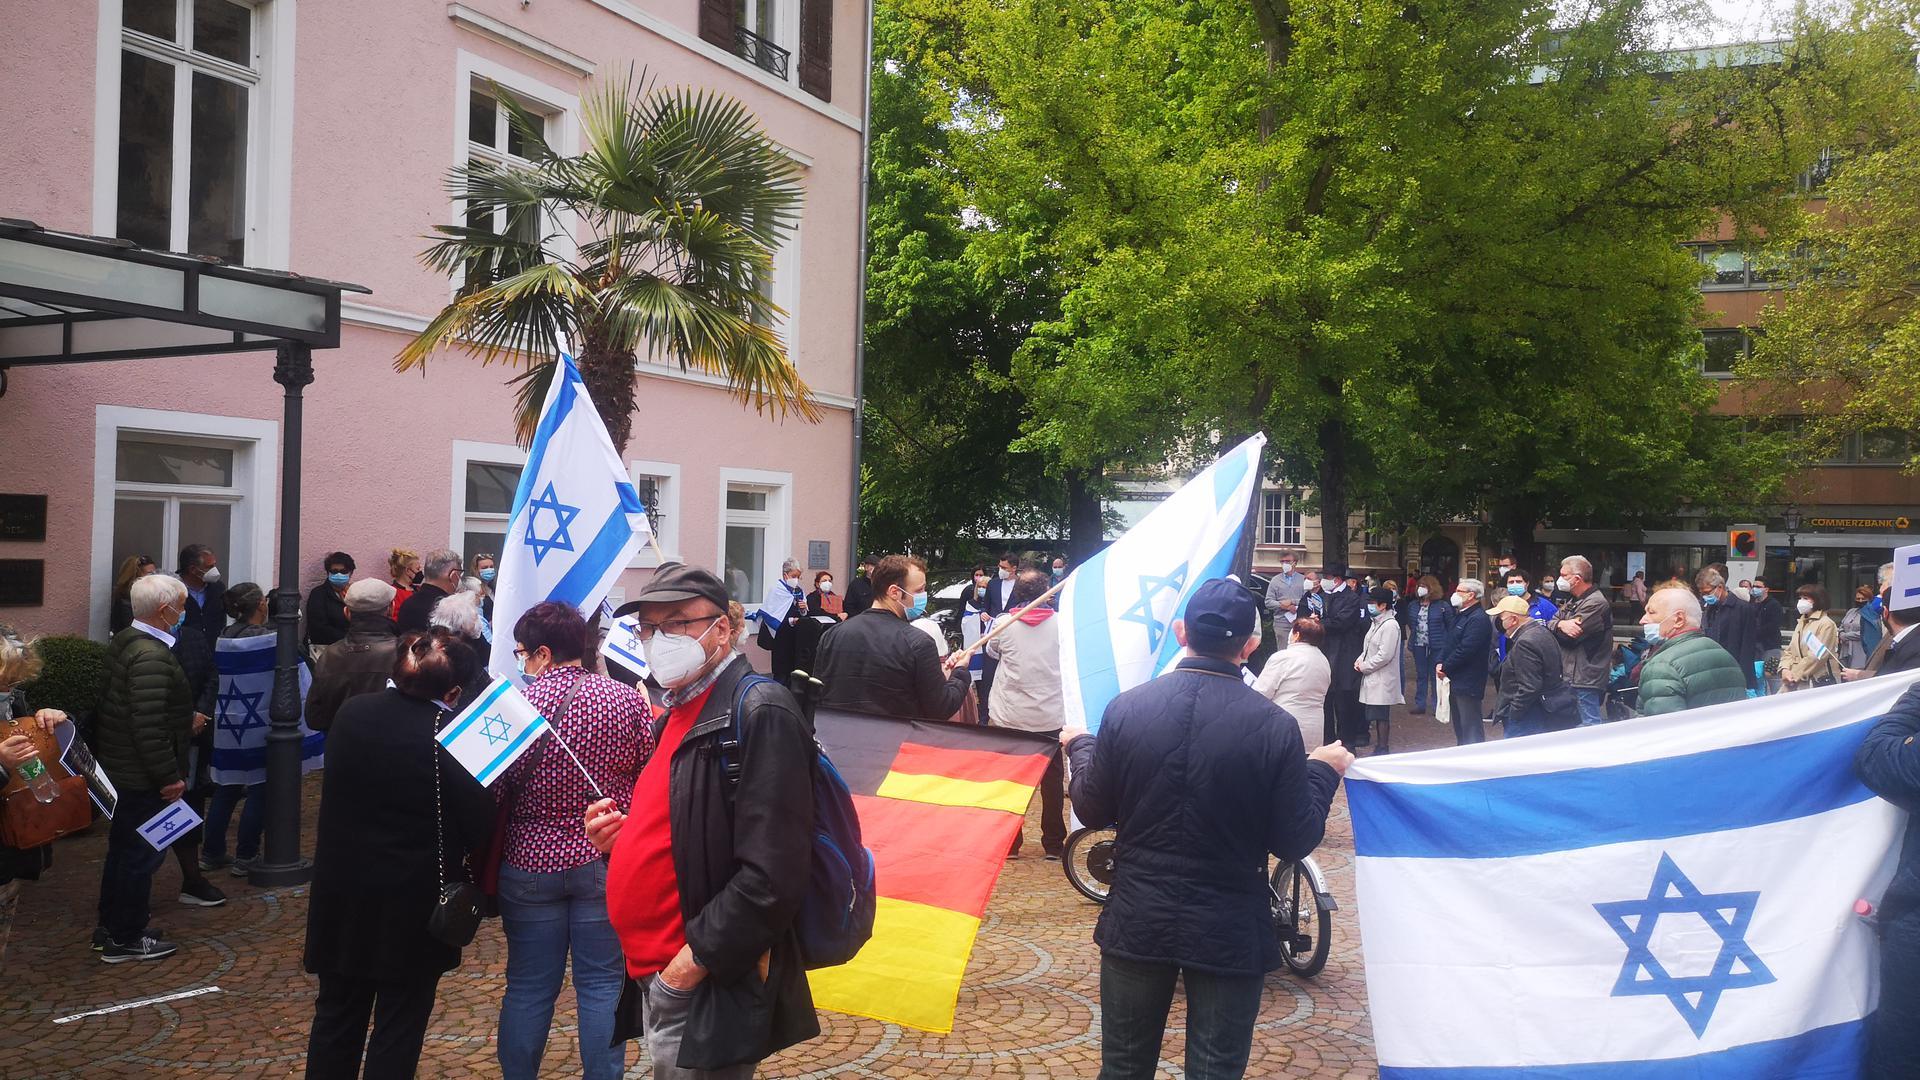 Rund 150 Personen sind am Augustaplatz zu einer Mahnwache zusammengekommen.